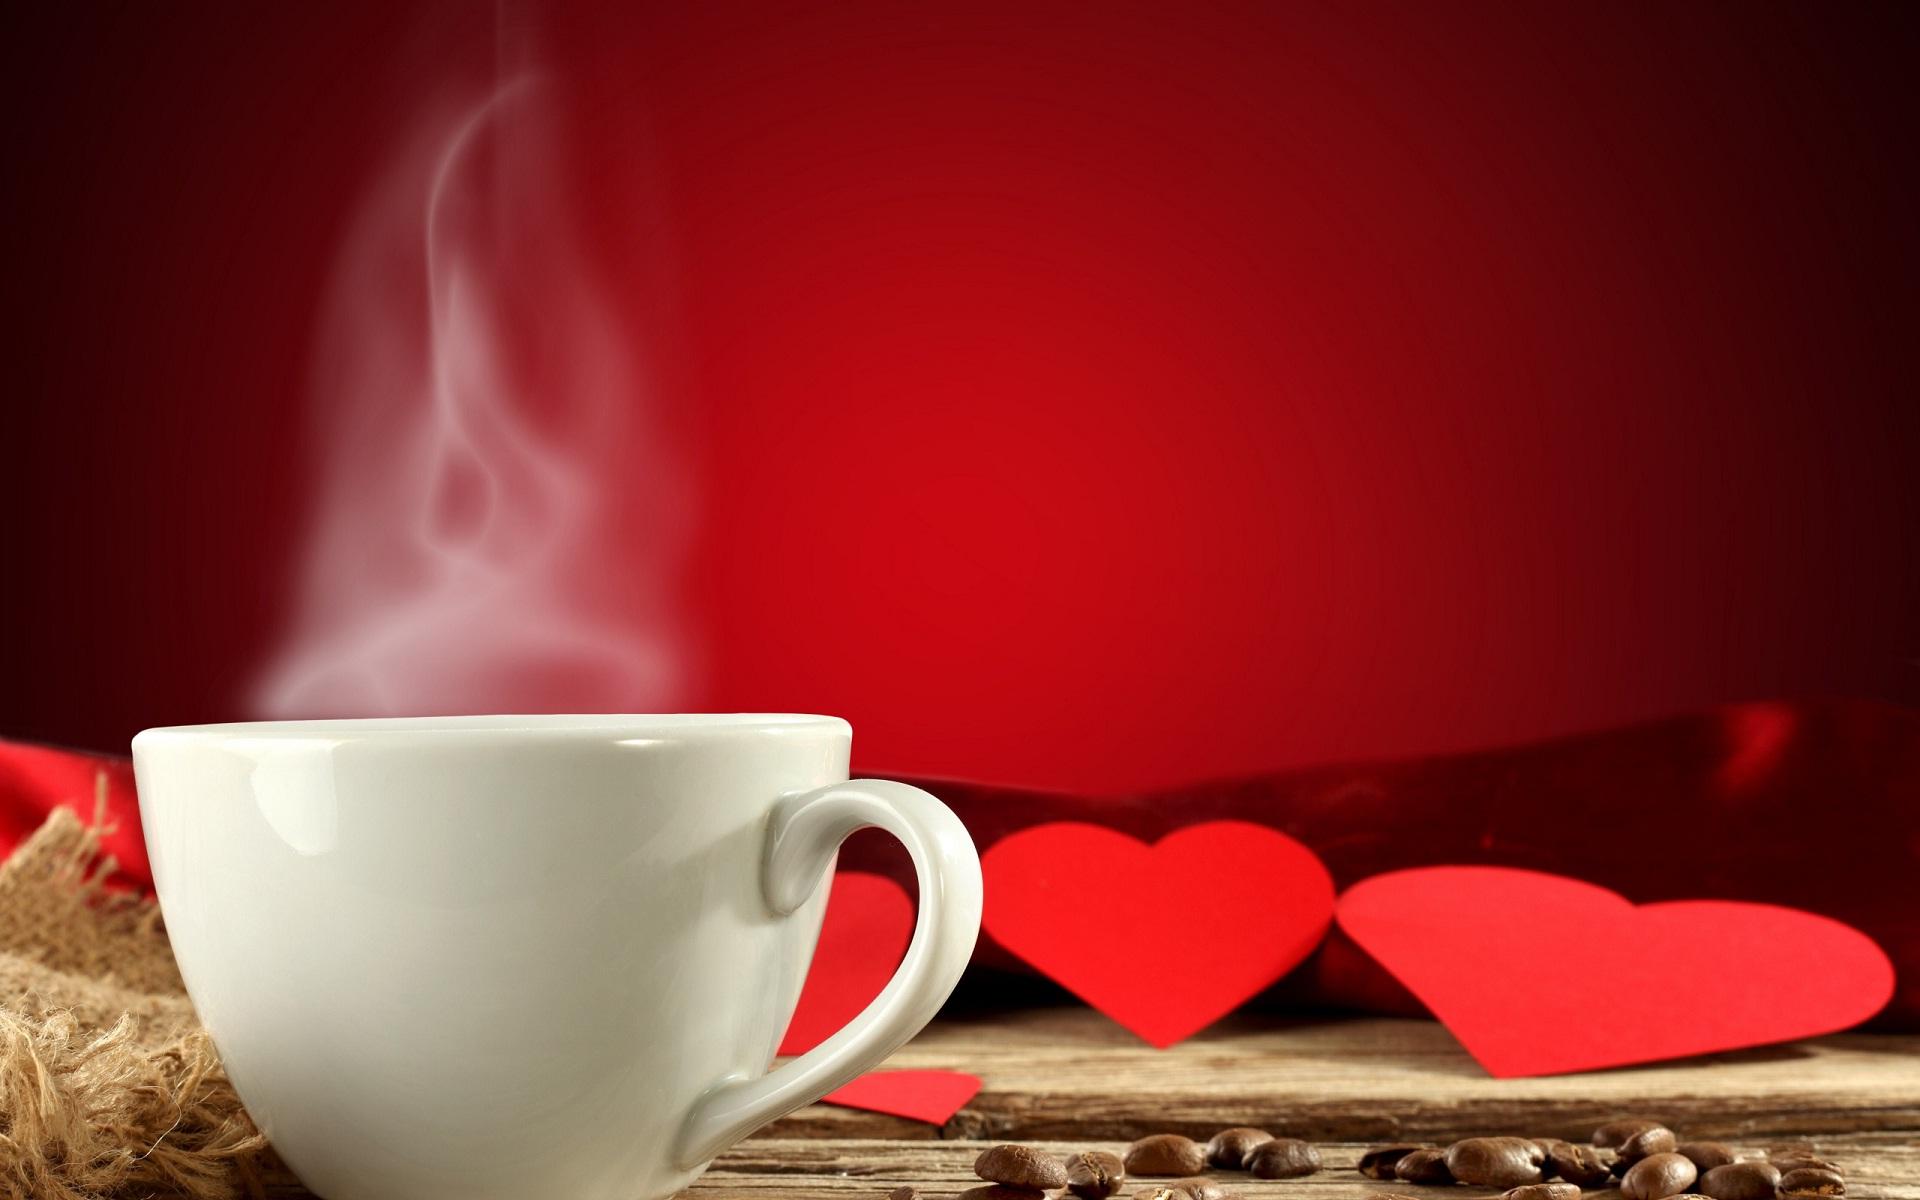 صورة مسجات صباح الخير حبيبي , رسائل صباحية للحبيب 1570 2